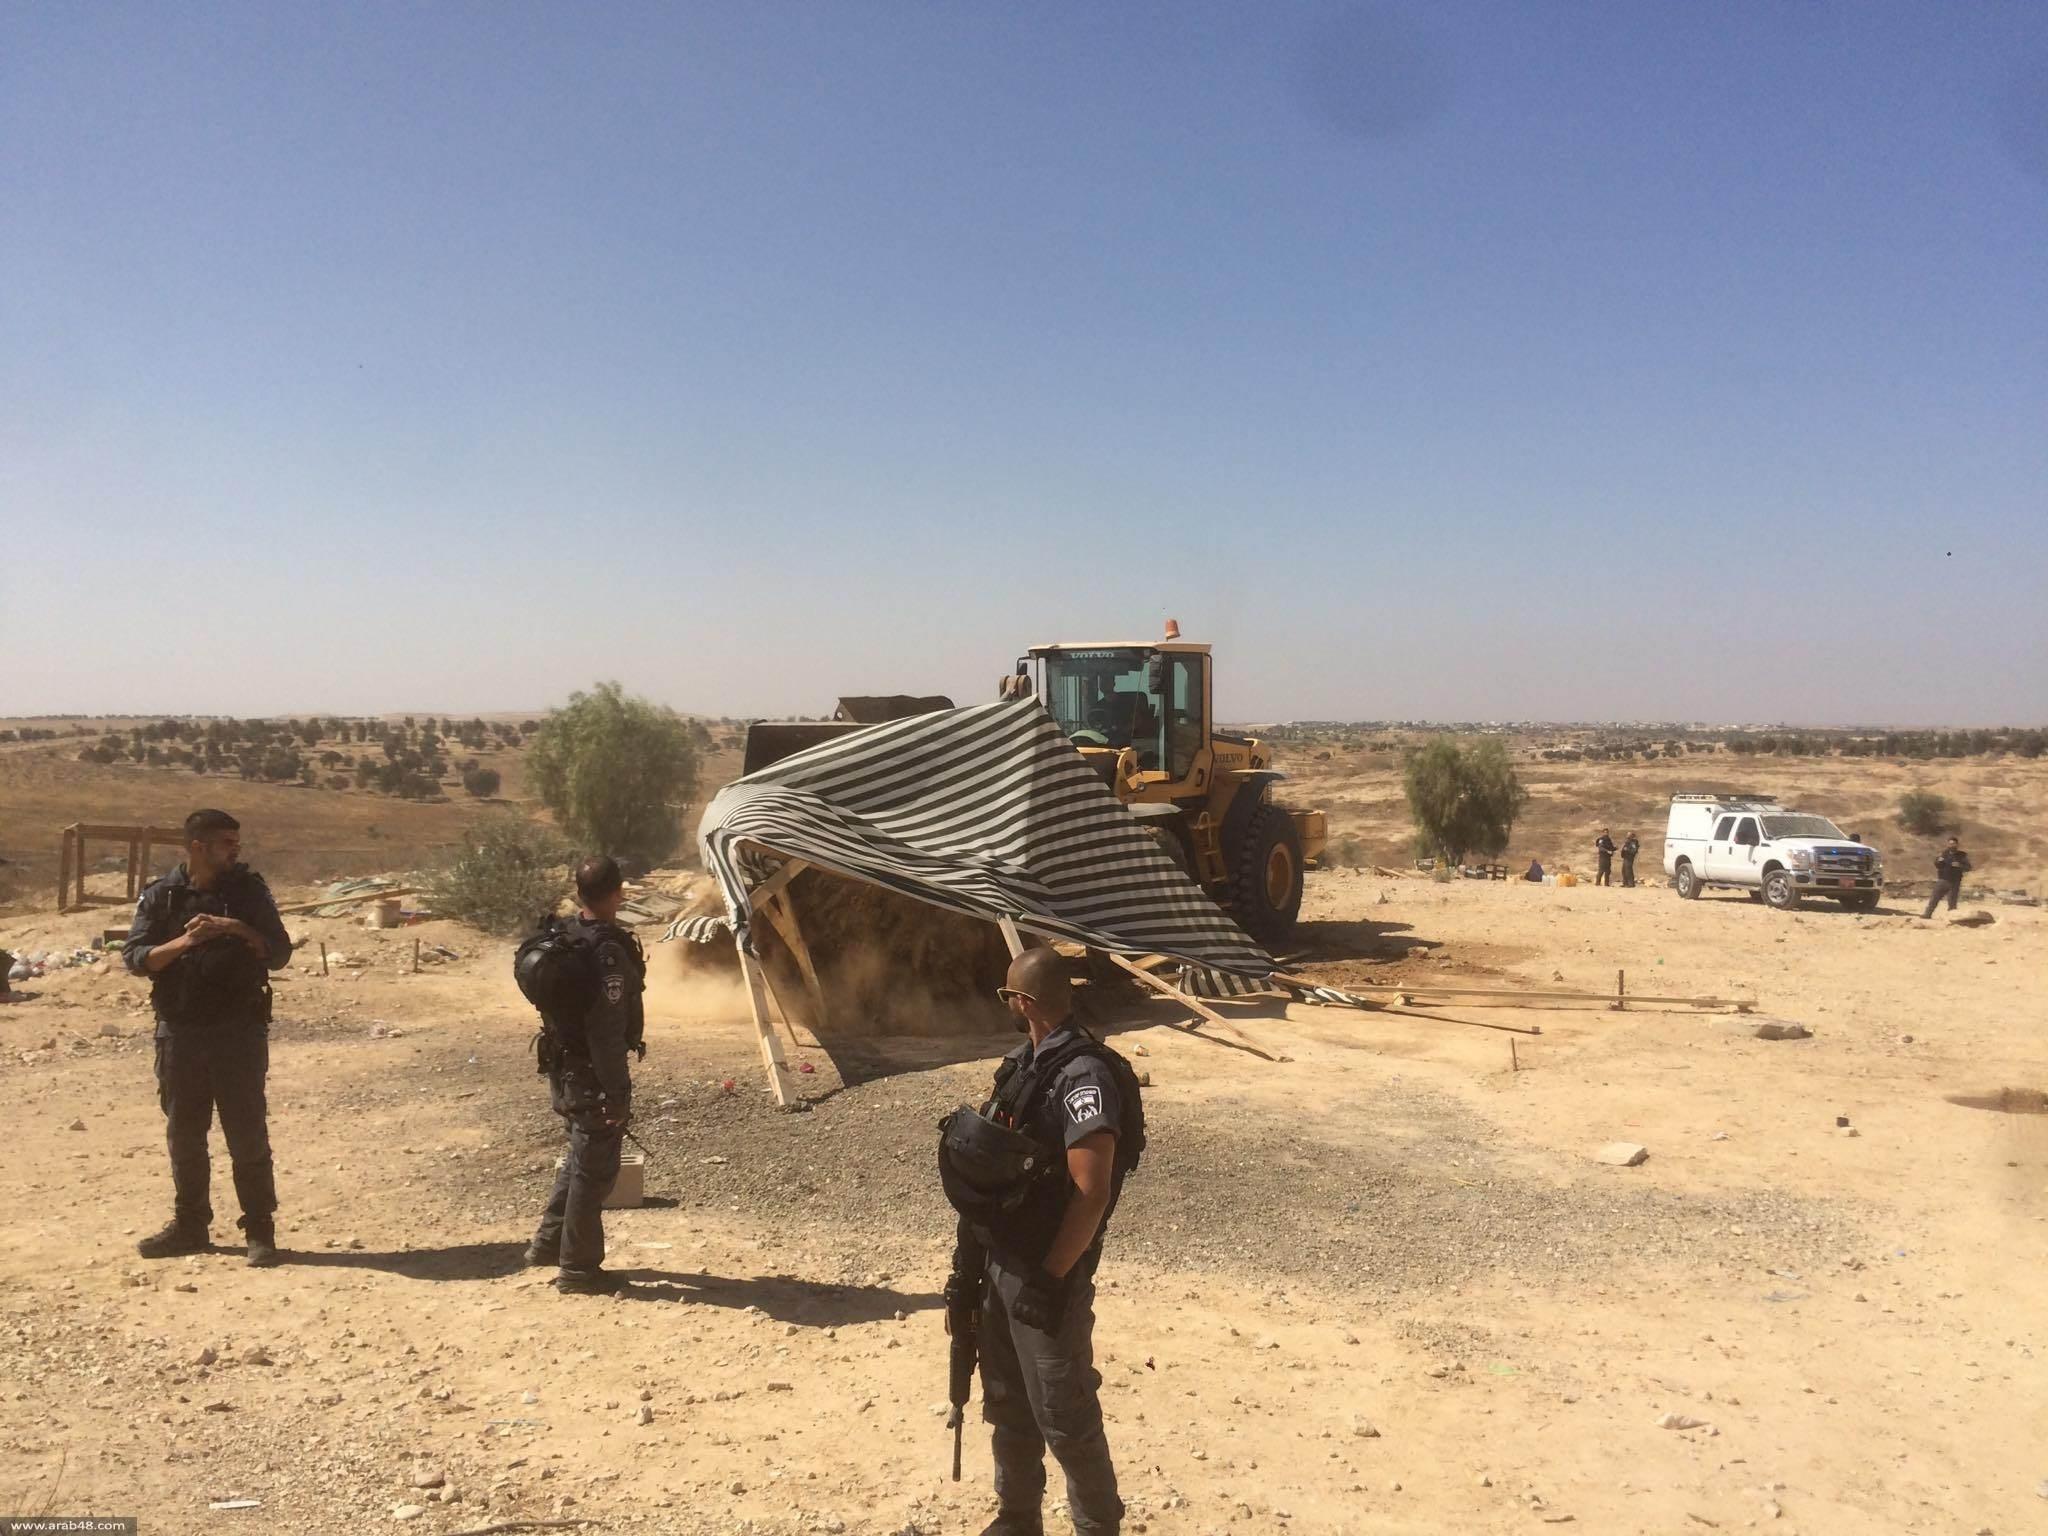 قوات الاحتلال الإسرائيلي تهدم الخيم الفلسطينية في قرية العراقيب في النقب للمرة 178